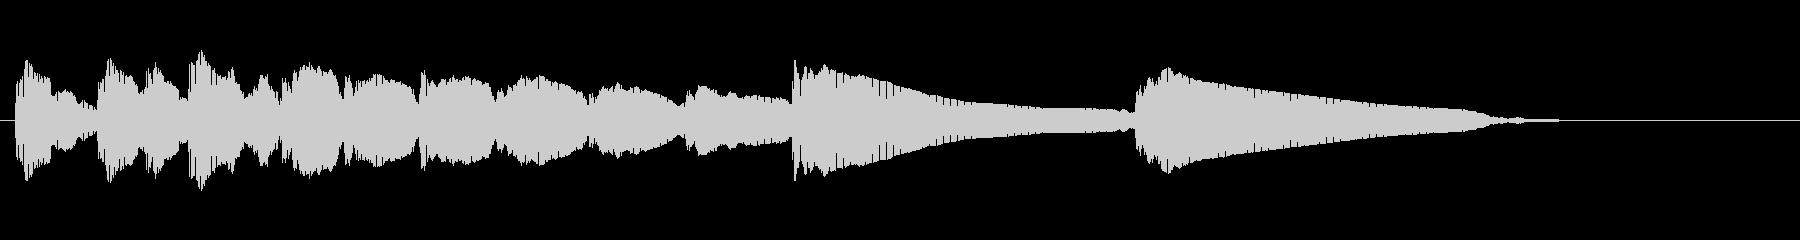 エレキギター5弦チューニング3リバーブの未再生の波形